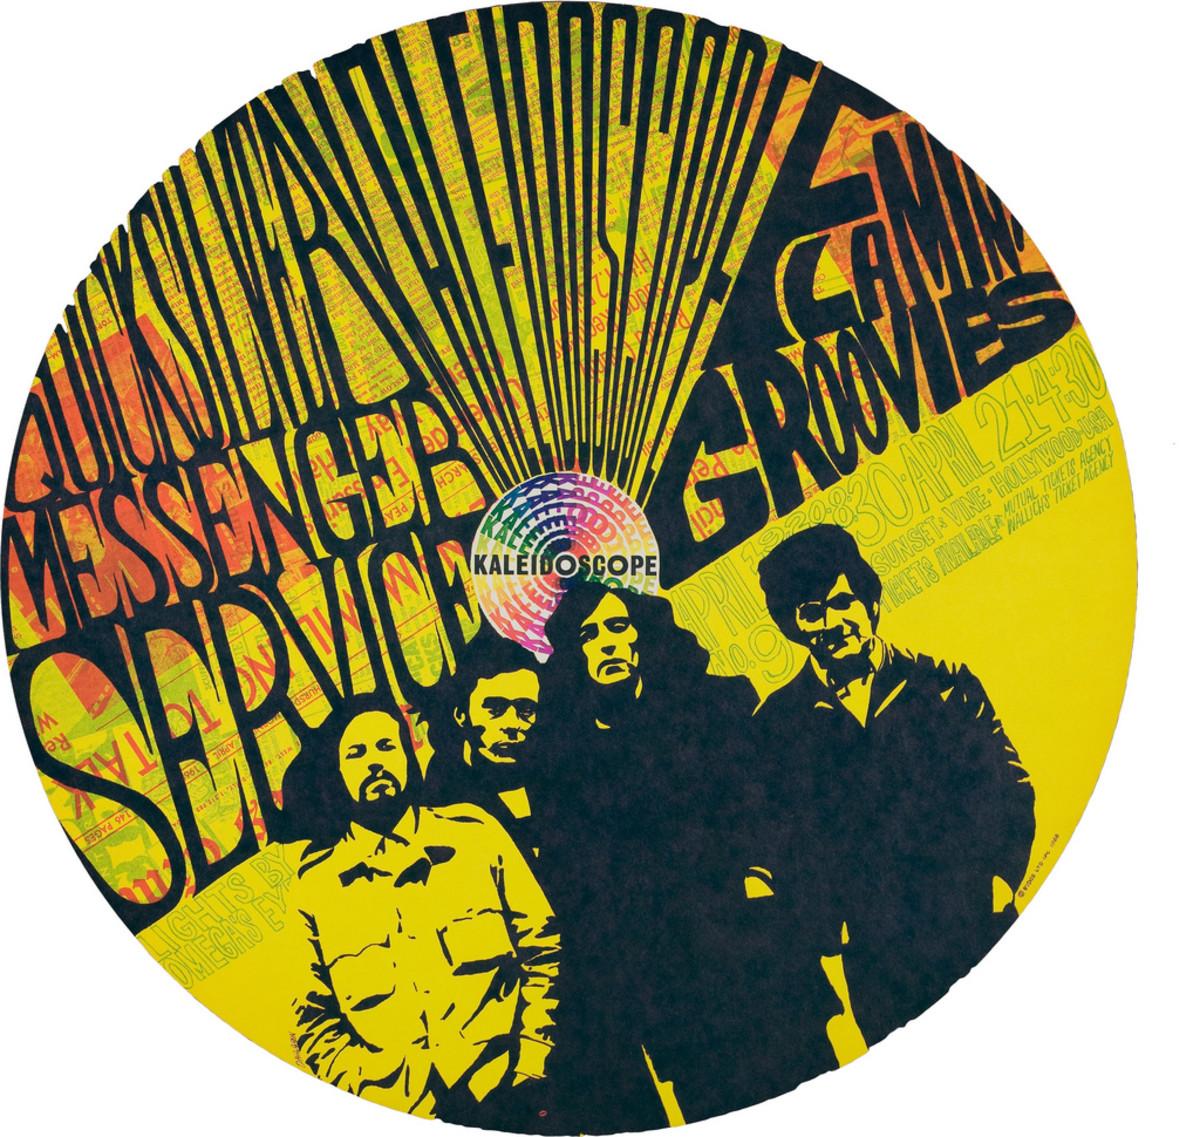 Quicksilver Messenger Service, Kaleidoscope, Flamin' Groovies, Kaleidoscope Concert Poster (1968) Poster #9 In Series Art by Dick Dahlgren